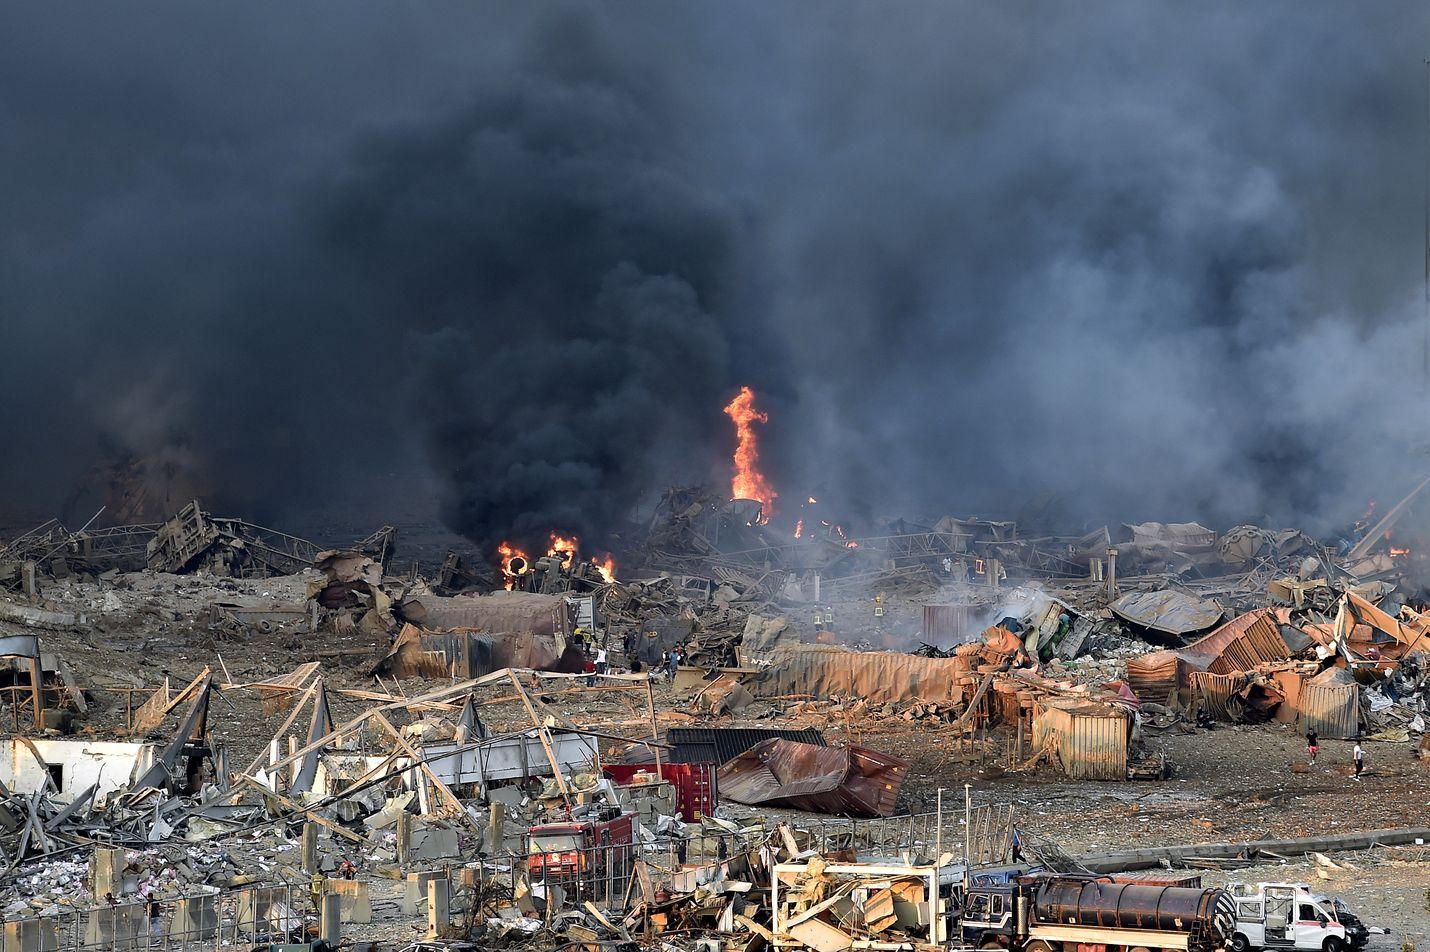 Räjähdys aiheutti laajoja tuhoja Beirutin satamassa.